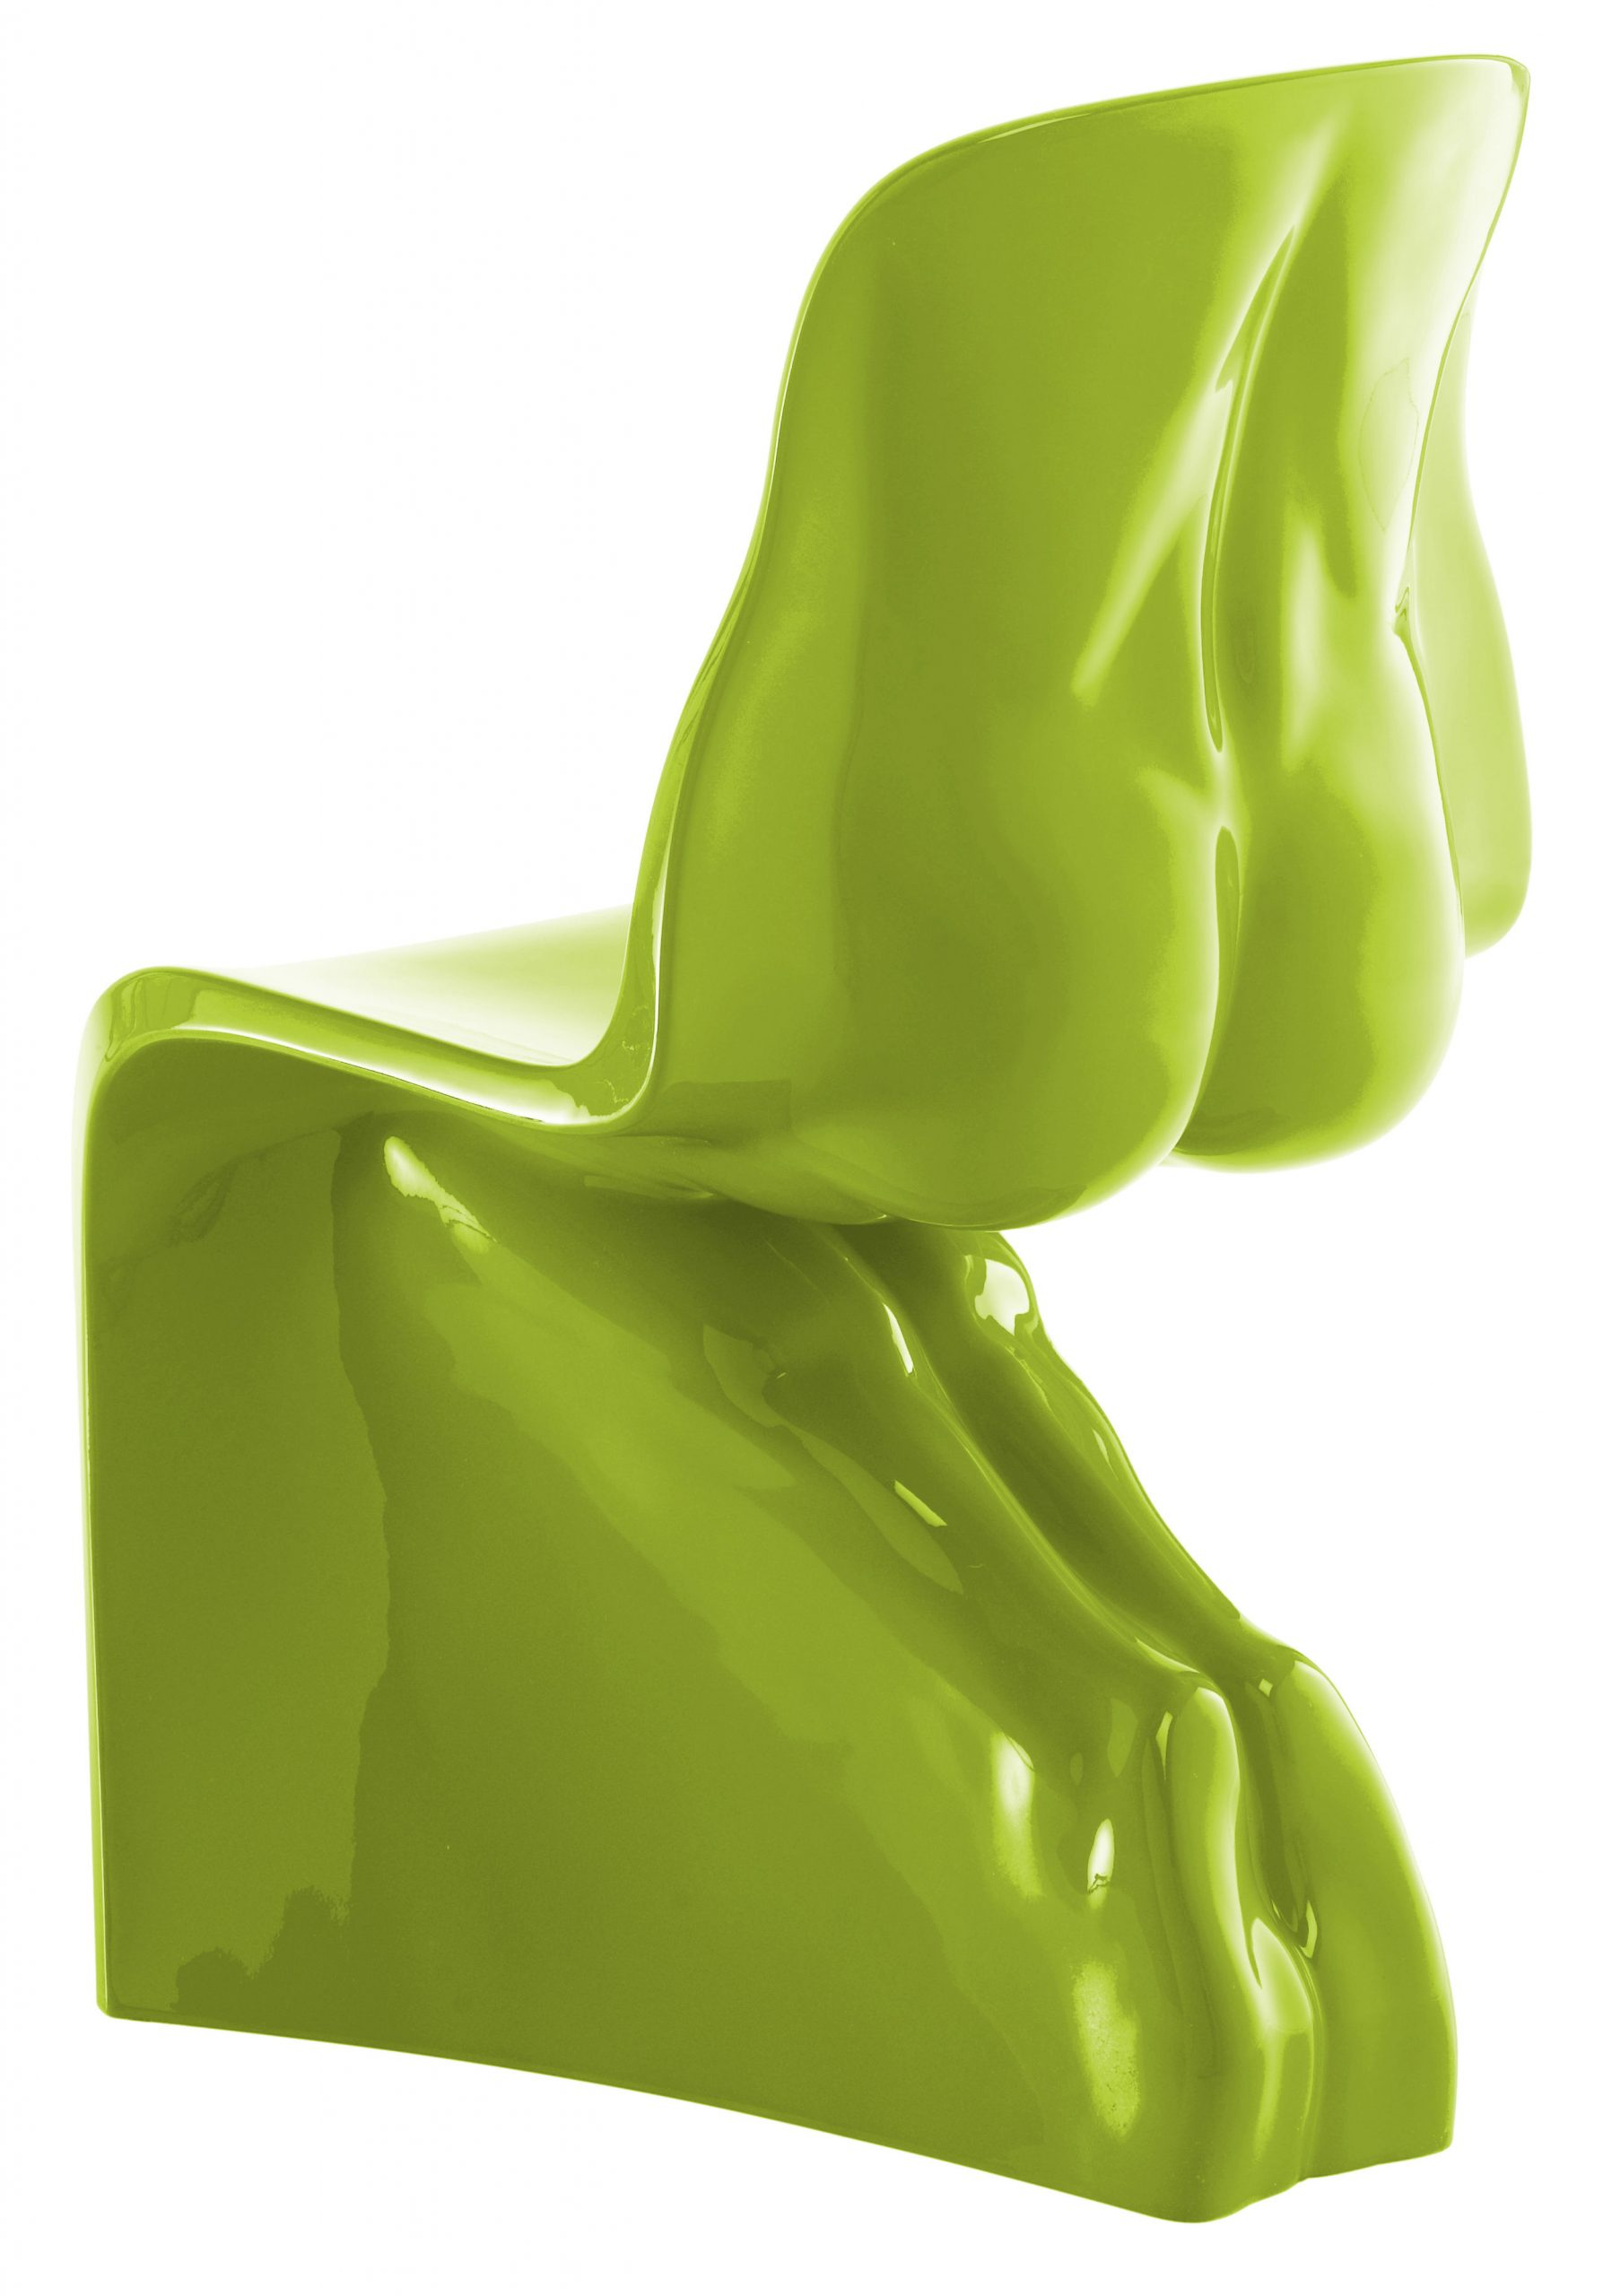 Καρέκλα - Πράσινη λακαρισμένη έκδοση Casamania Fabio Novembre